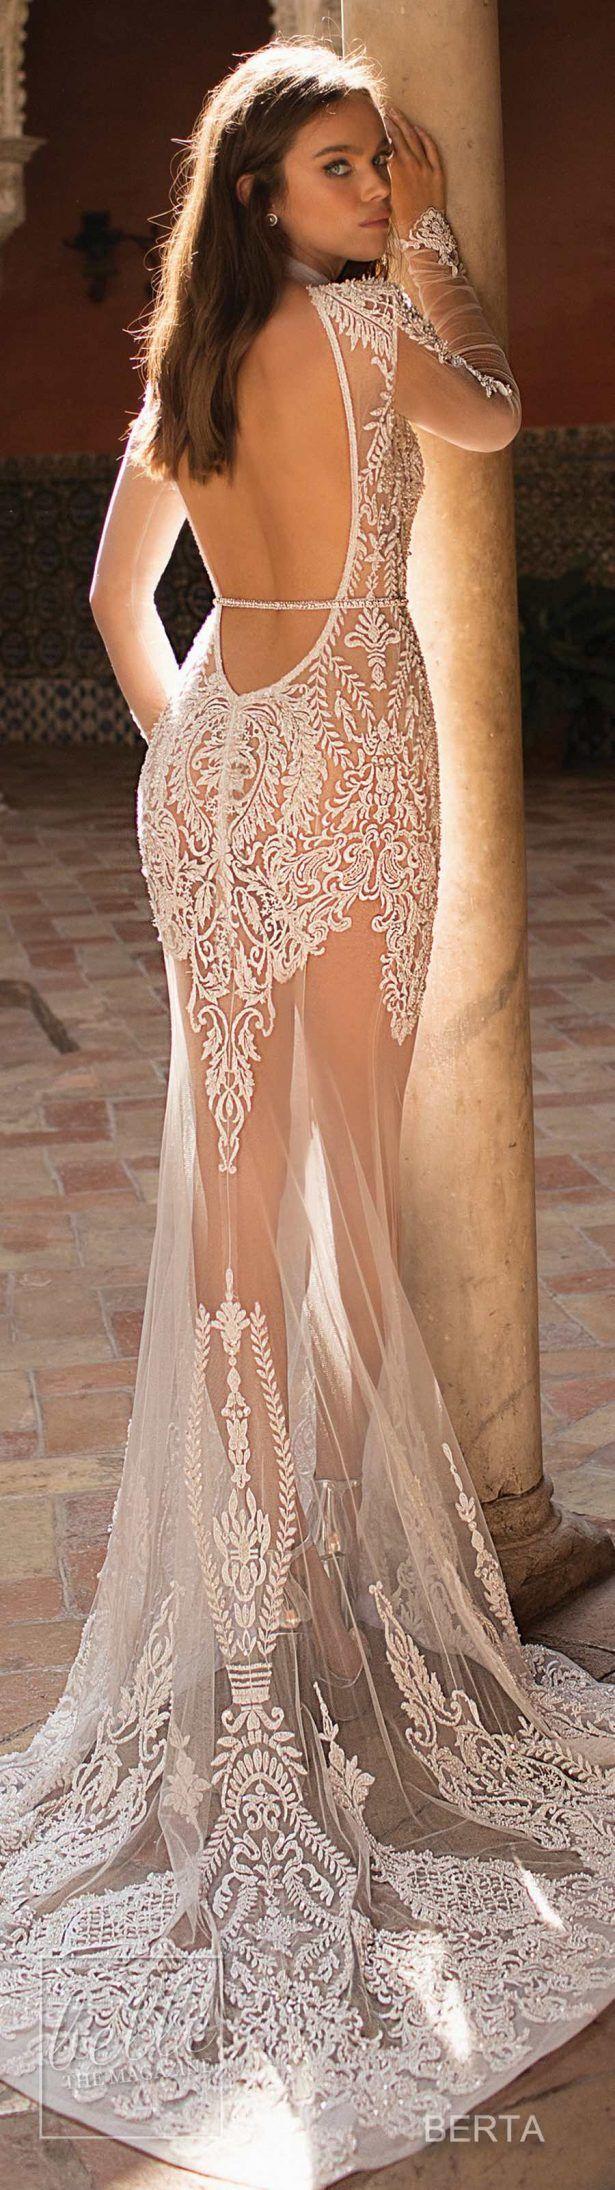 Berta Fall 2018 Seville Wedding Dress Collection | Vestidos de novia ...